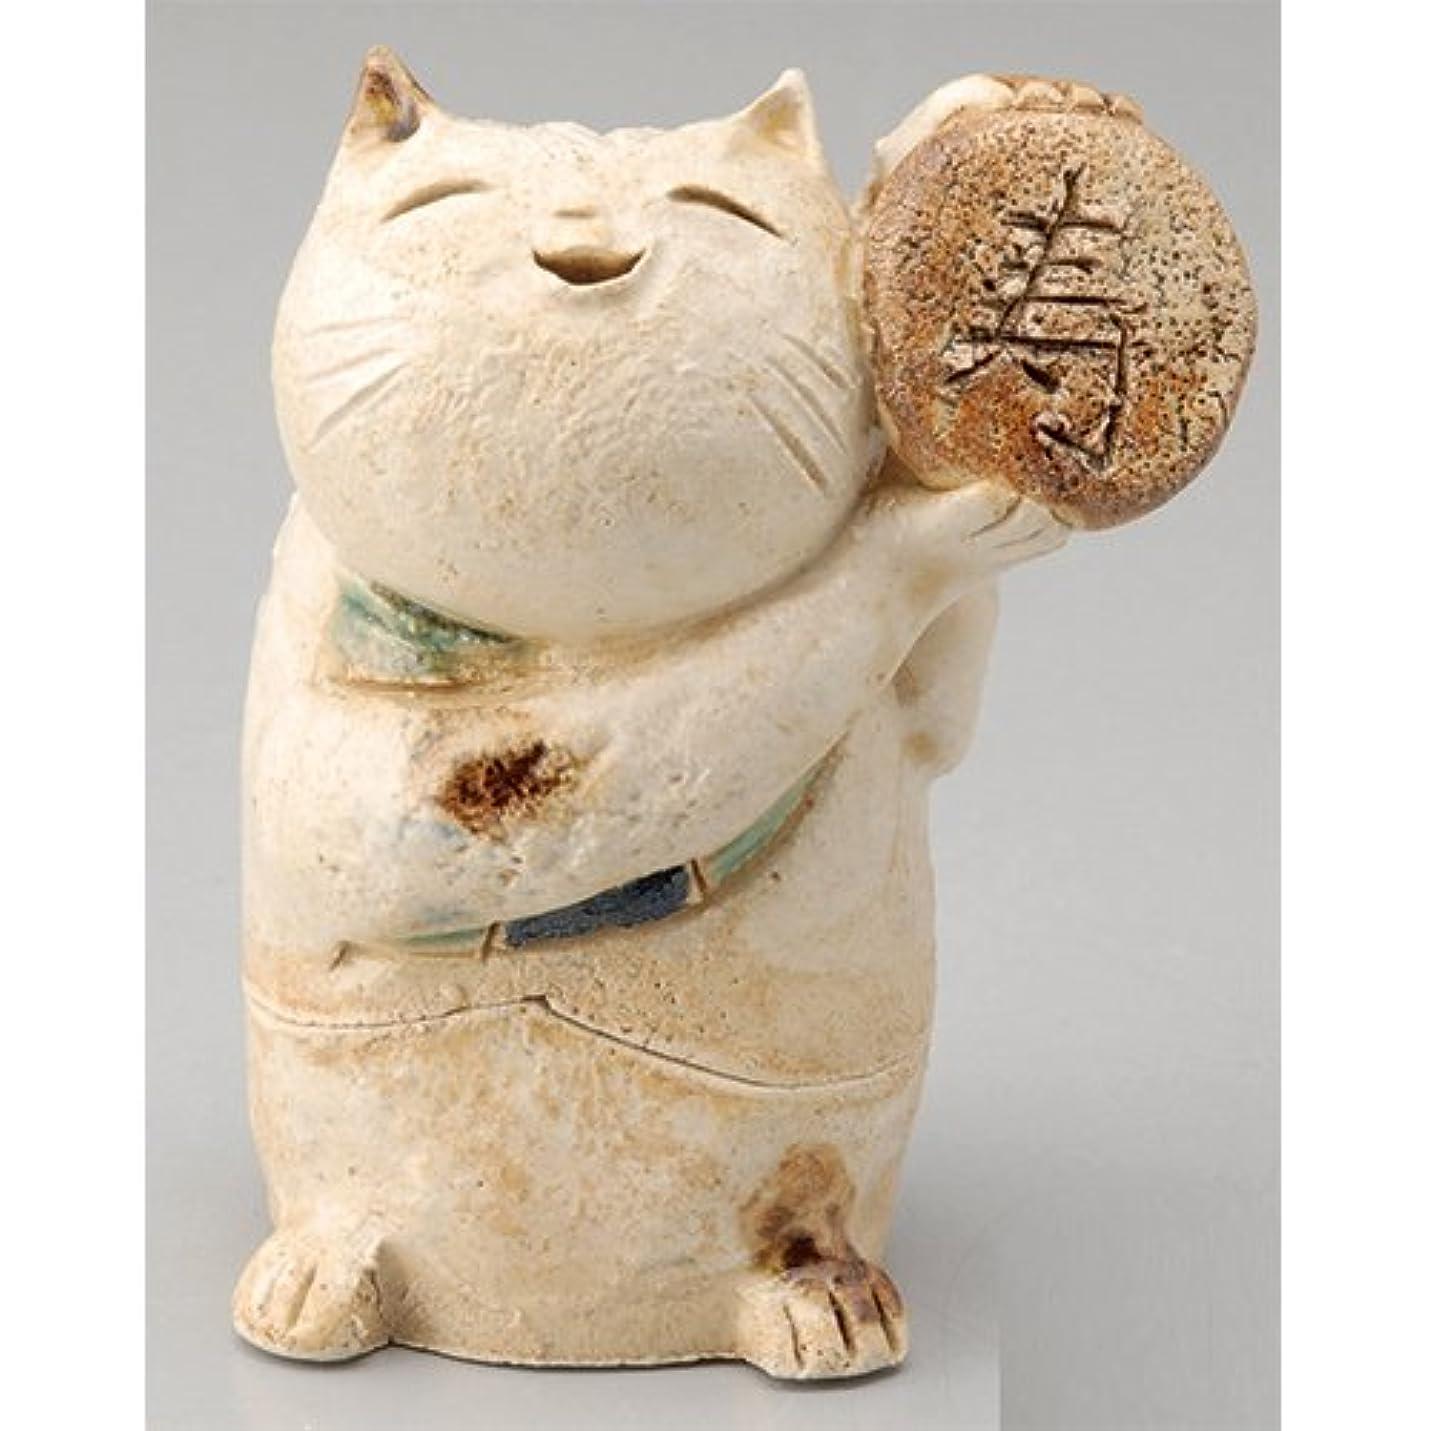 獲物補助宣伝香炉 ごえん猫 香炉(寿) [H8cm] HANDMADE プレゼント ギフト 和食器 かわいい インテリア